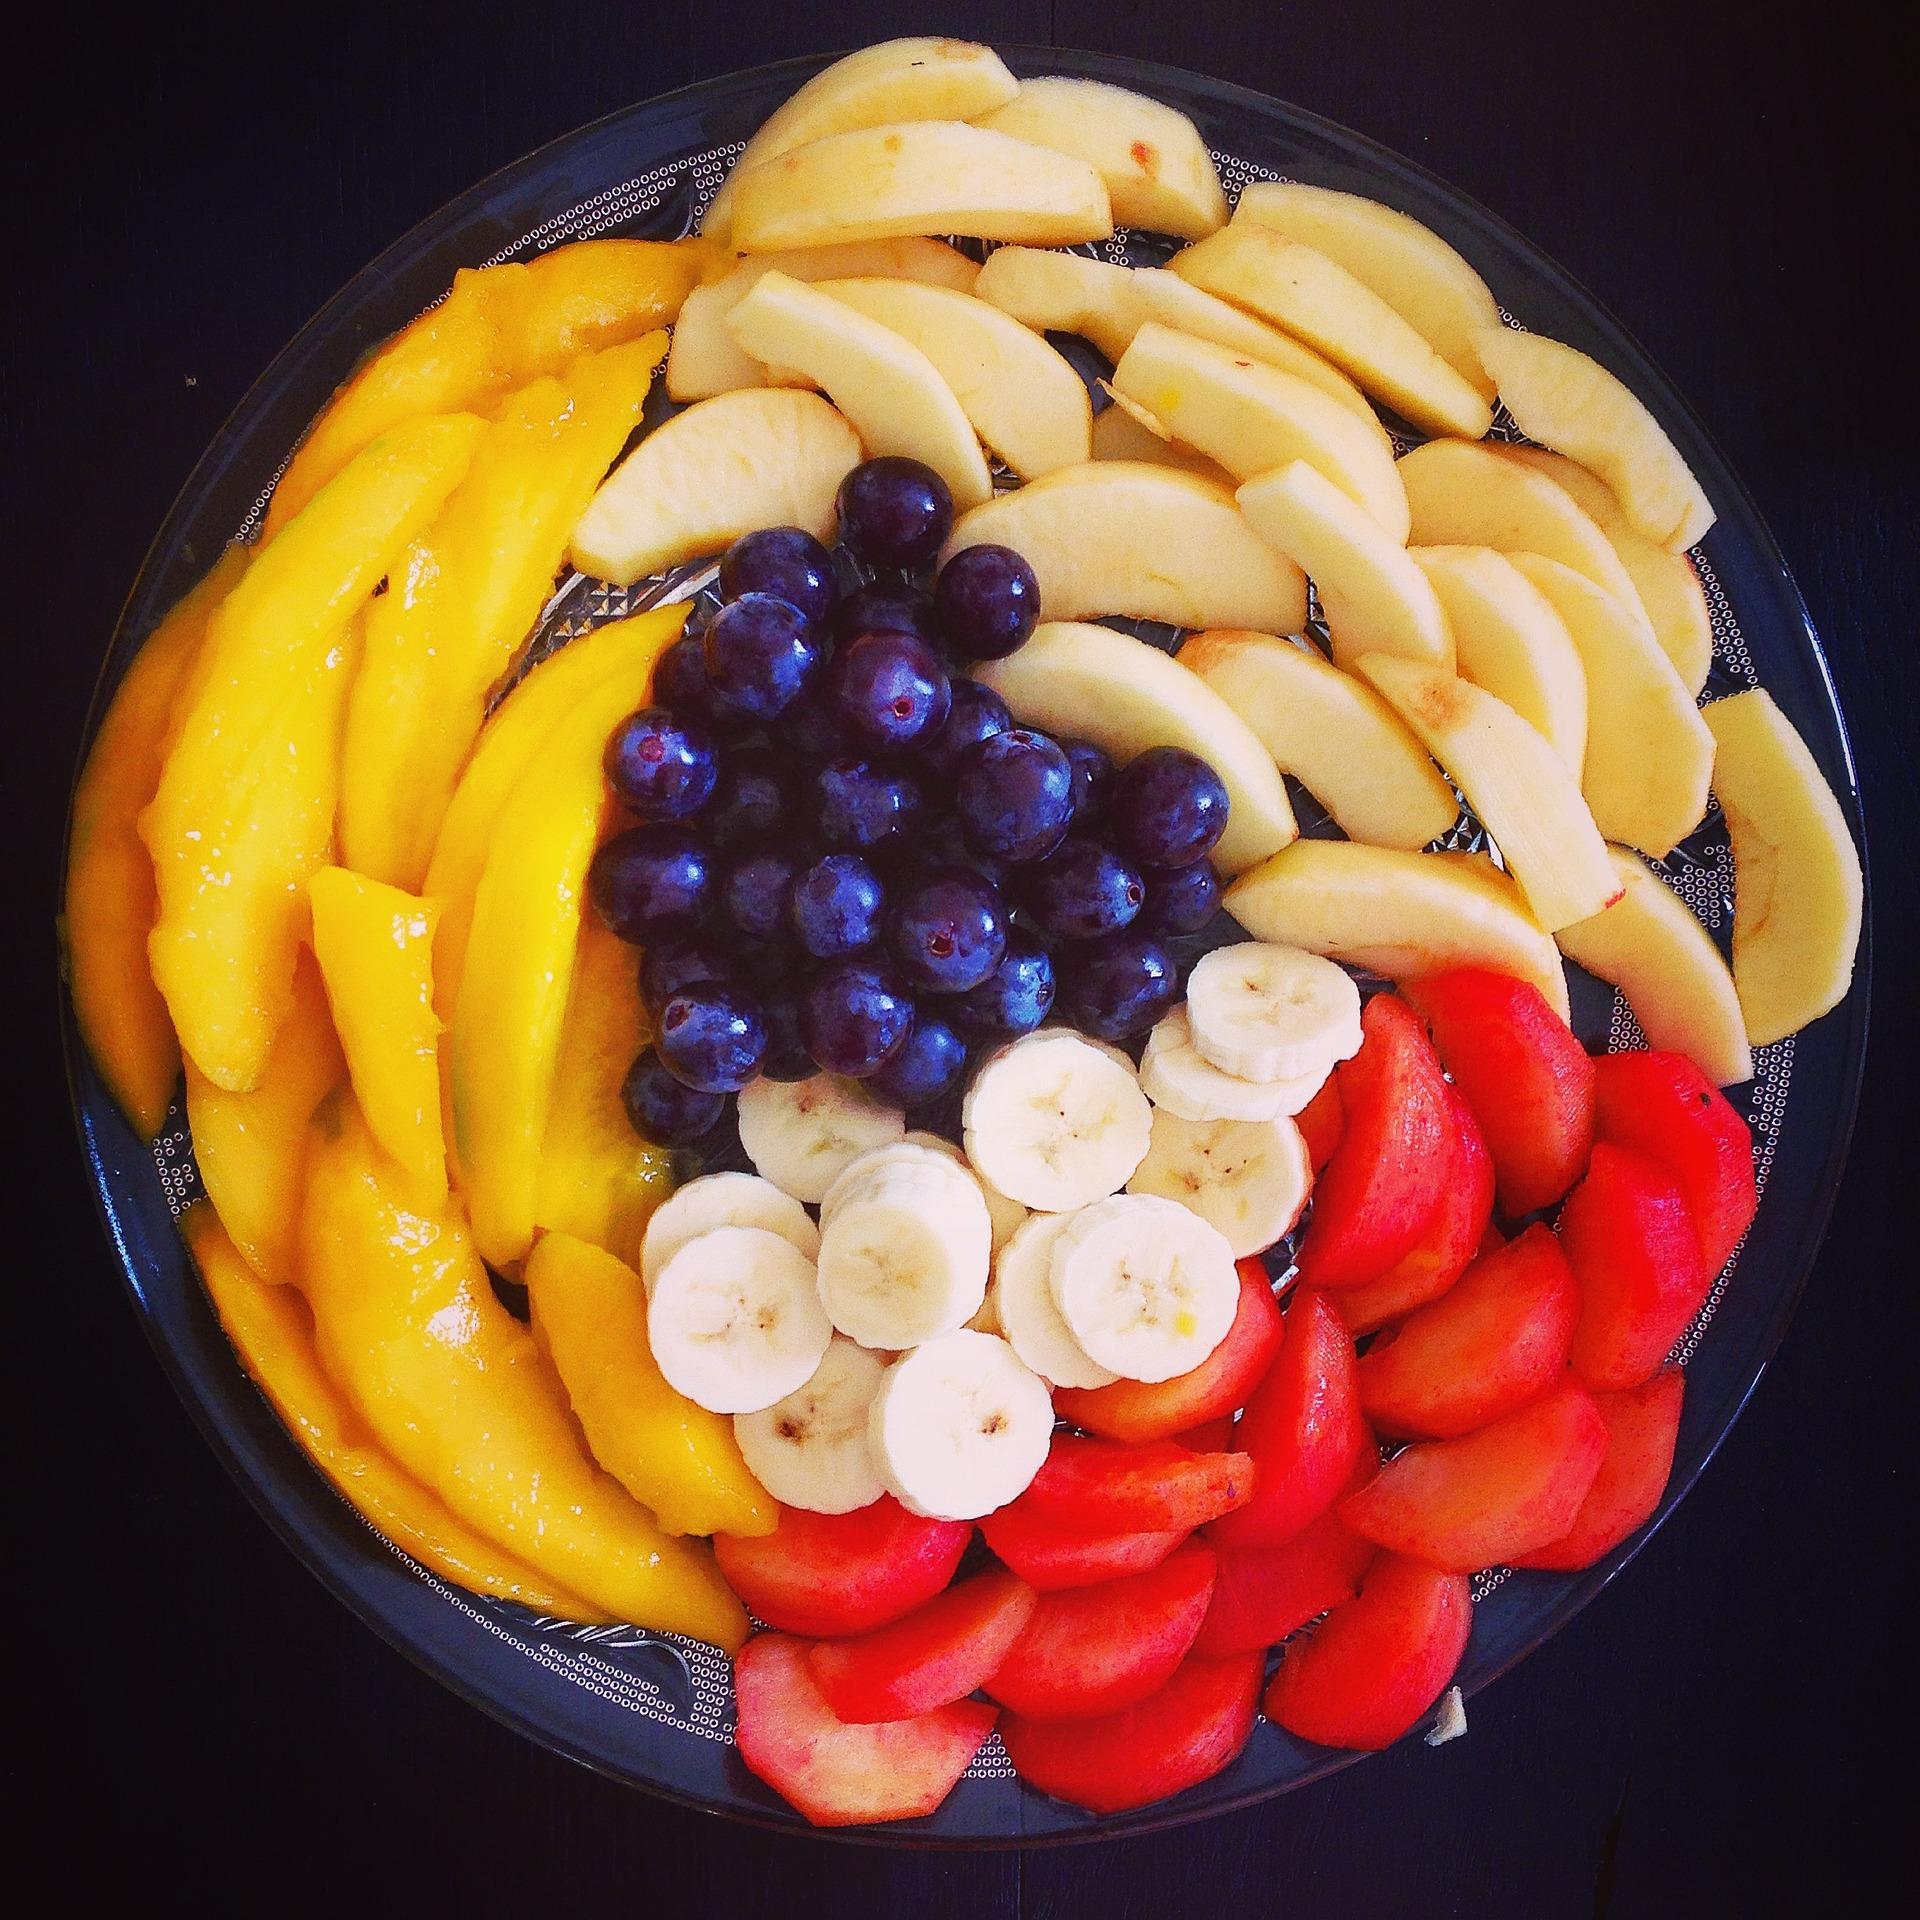 フルーツ ブドウ糖」